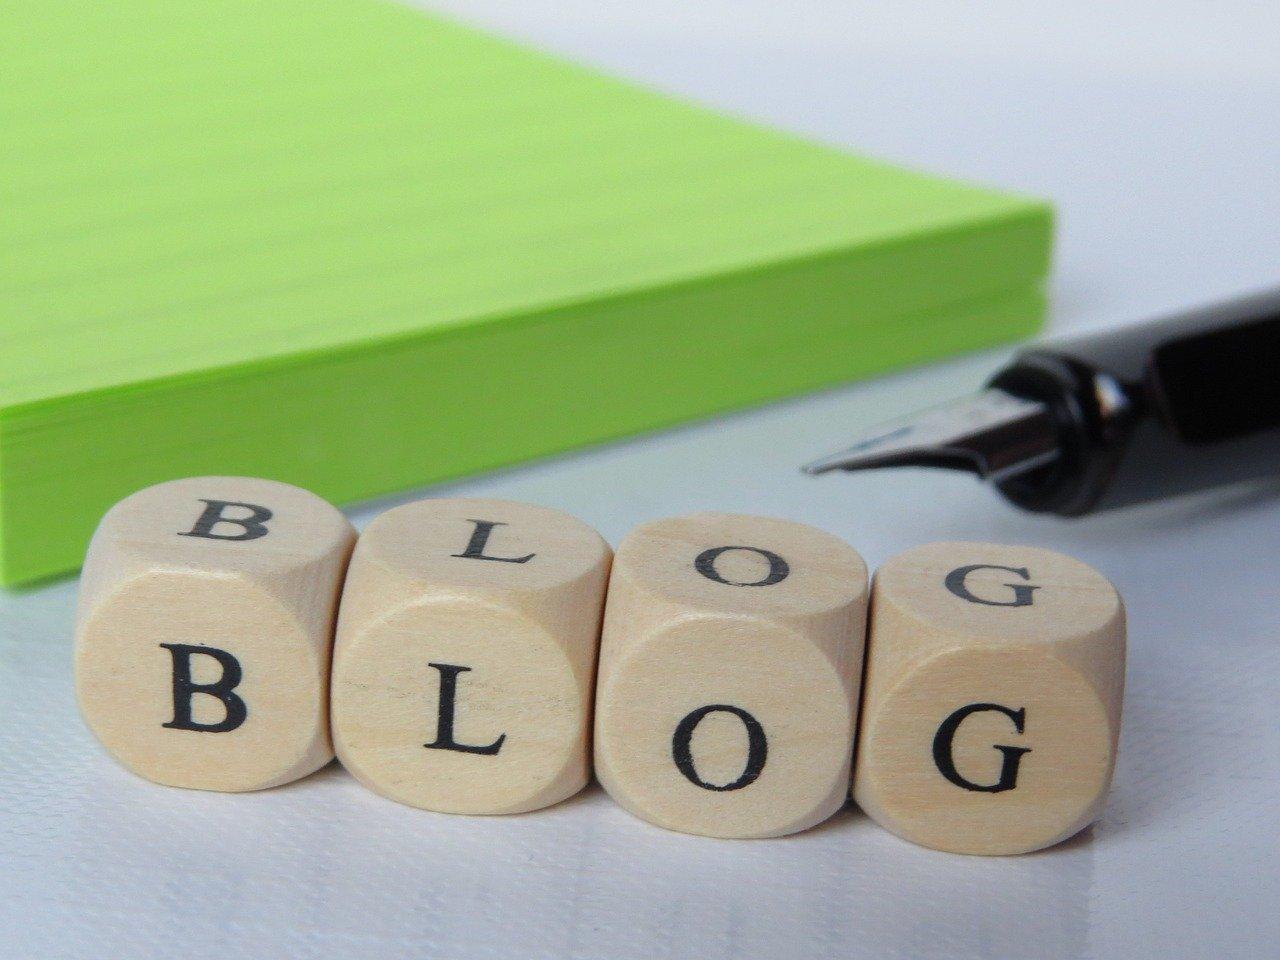 Création d'un site Internet Vitry-le-François avec WordPress